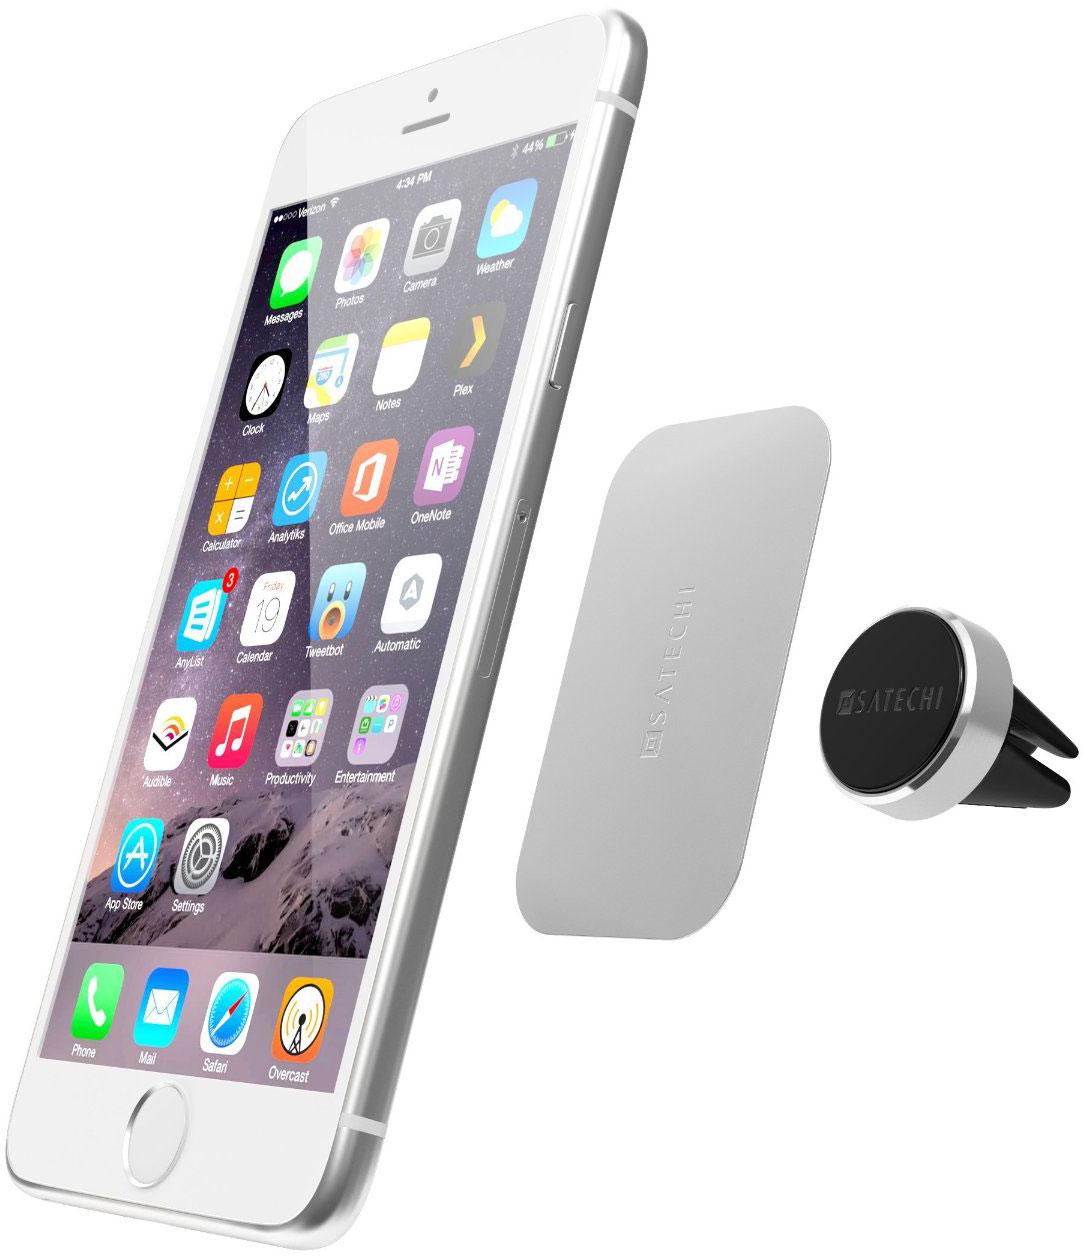 Satechi Aluminum Magnet Vent Mount (B019PJLU32) - держатель для смартфона в воздуховод (Silver)